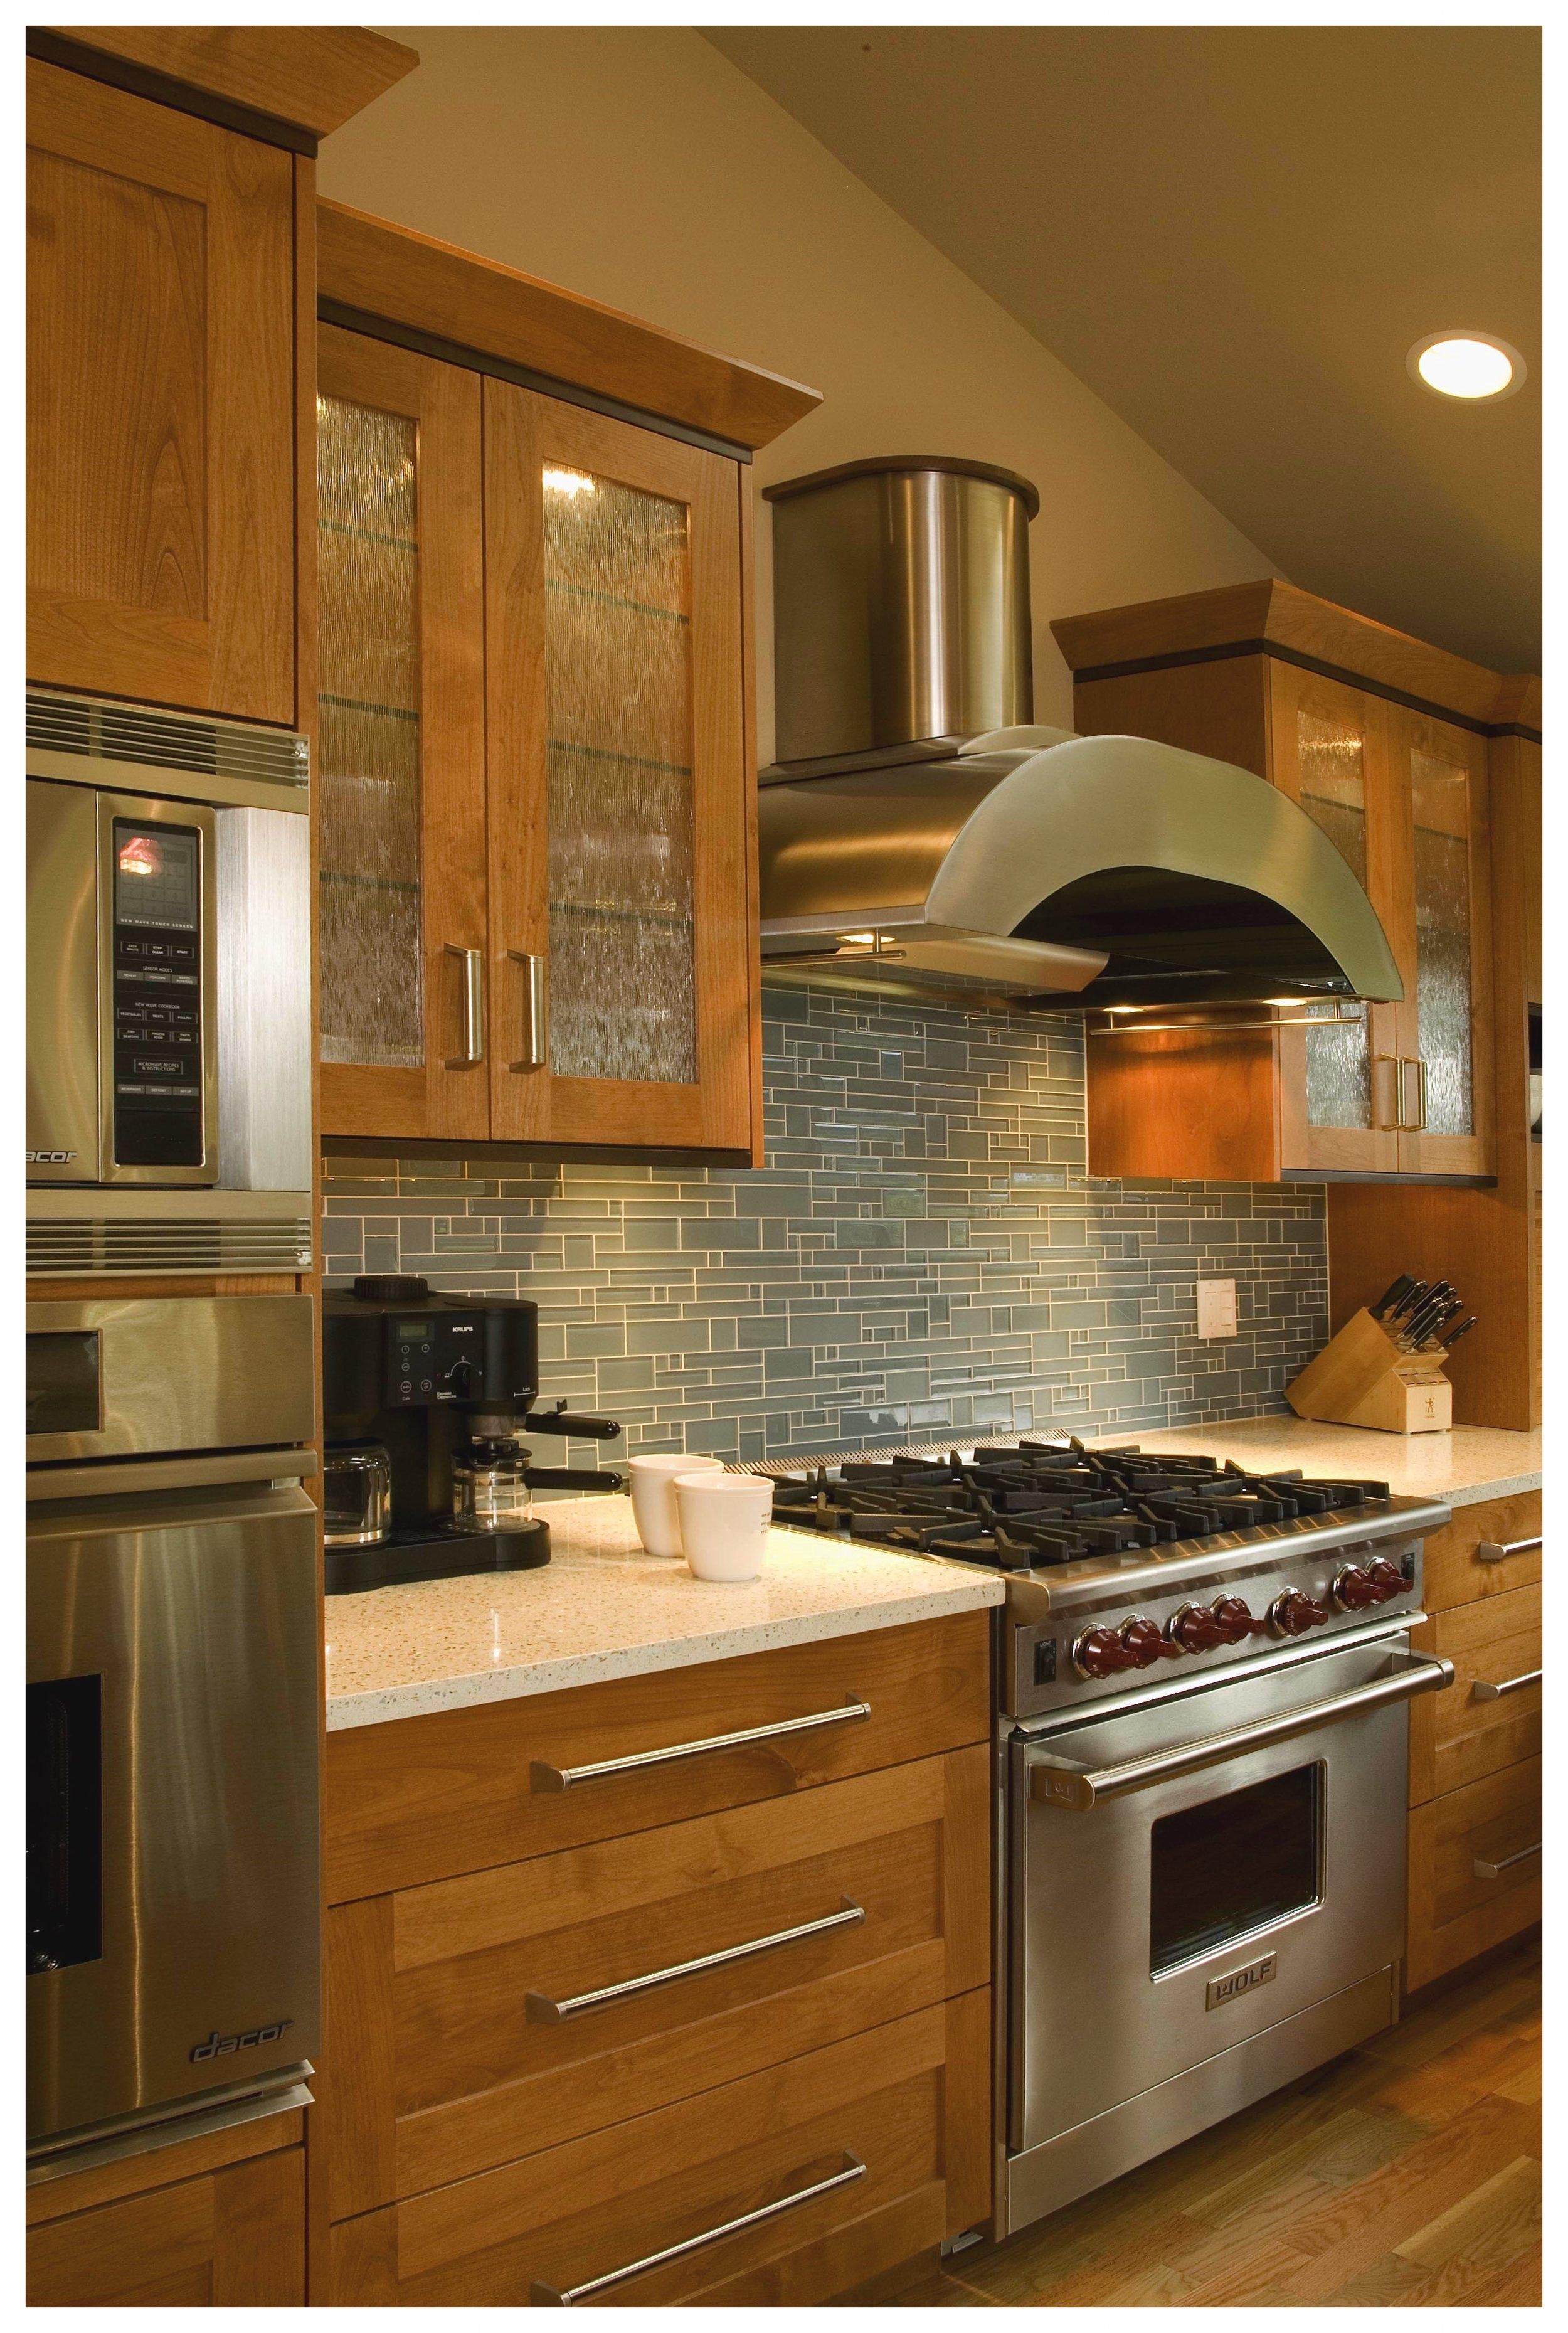 Bellevue Wilburton Park Transitional Kitchen 5.jpg